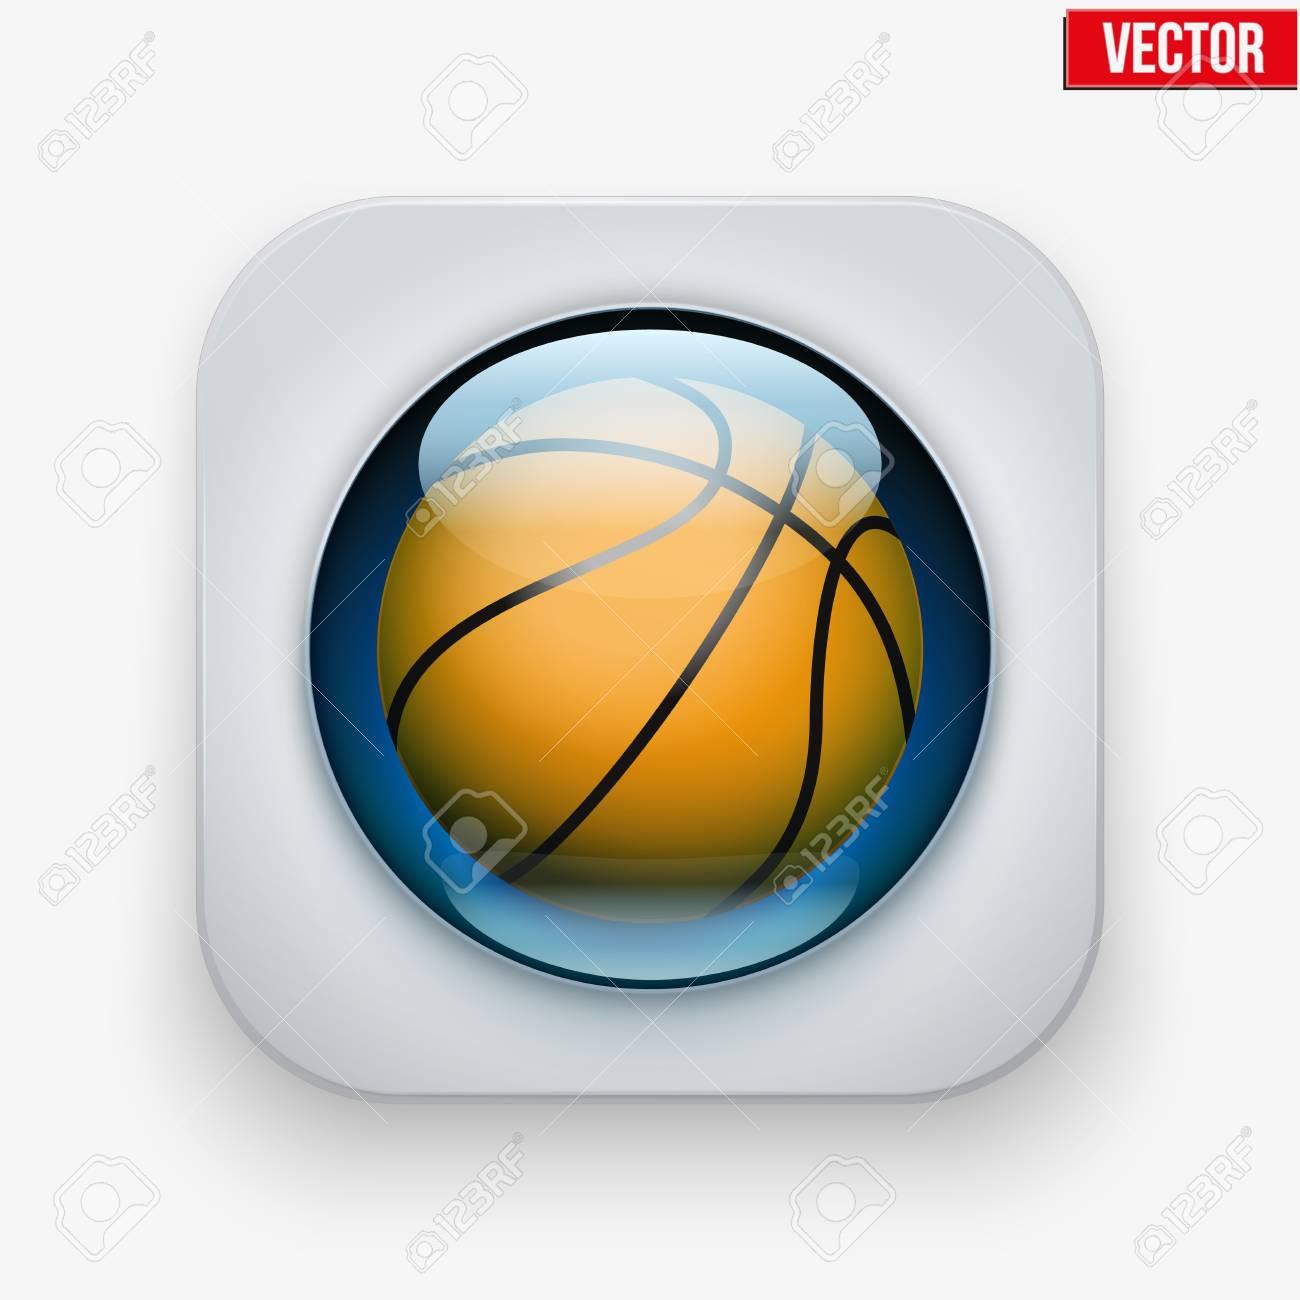 Botón de los deportes con pelota de baloncesto bajo el cristal transparente.  Iconos para un bda9299d674d4